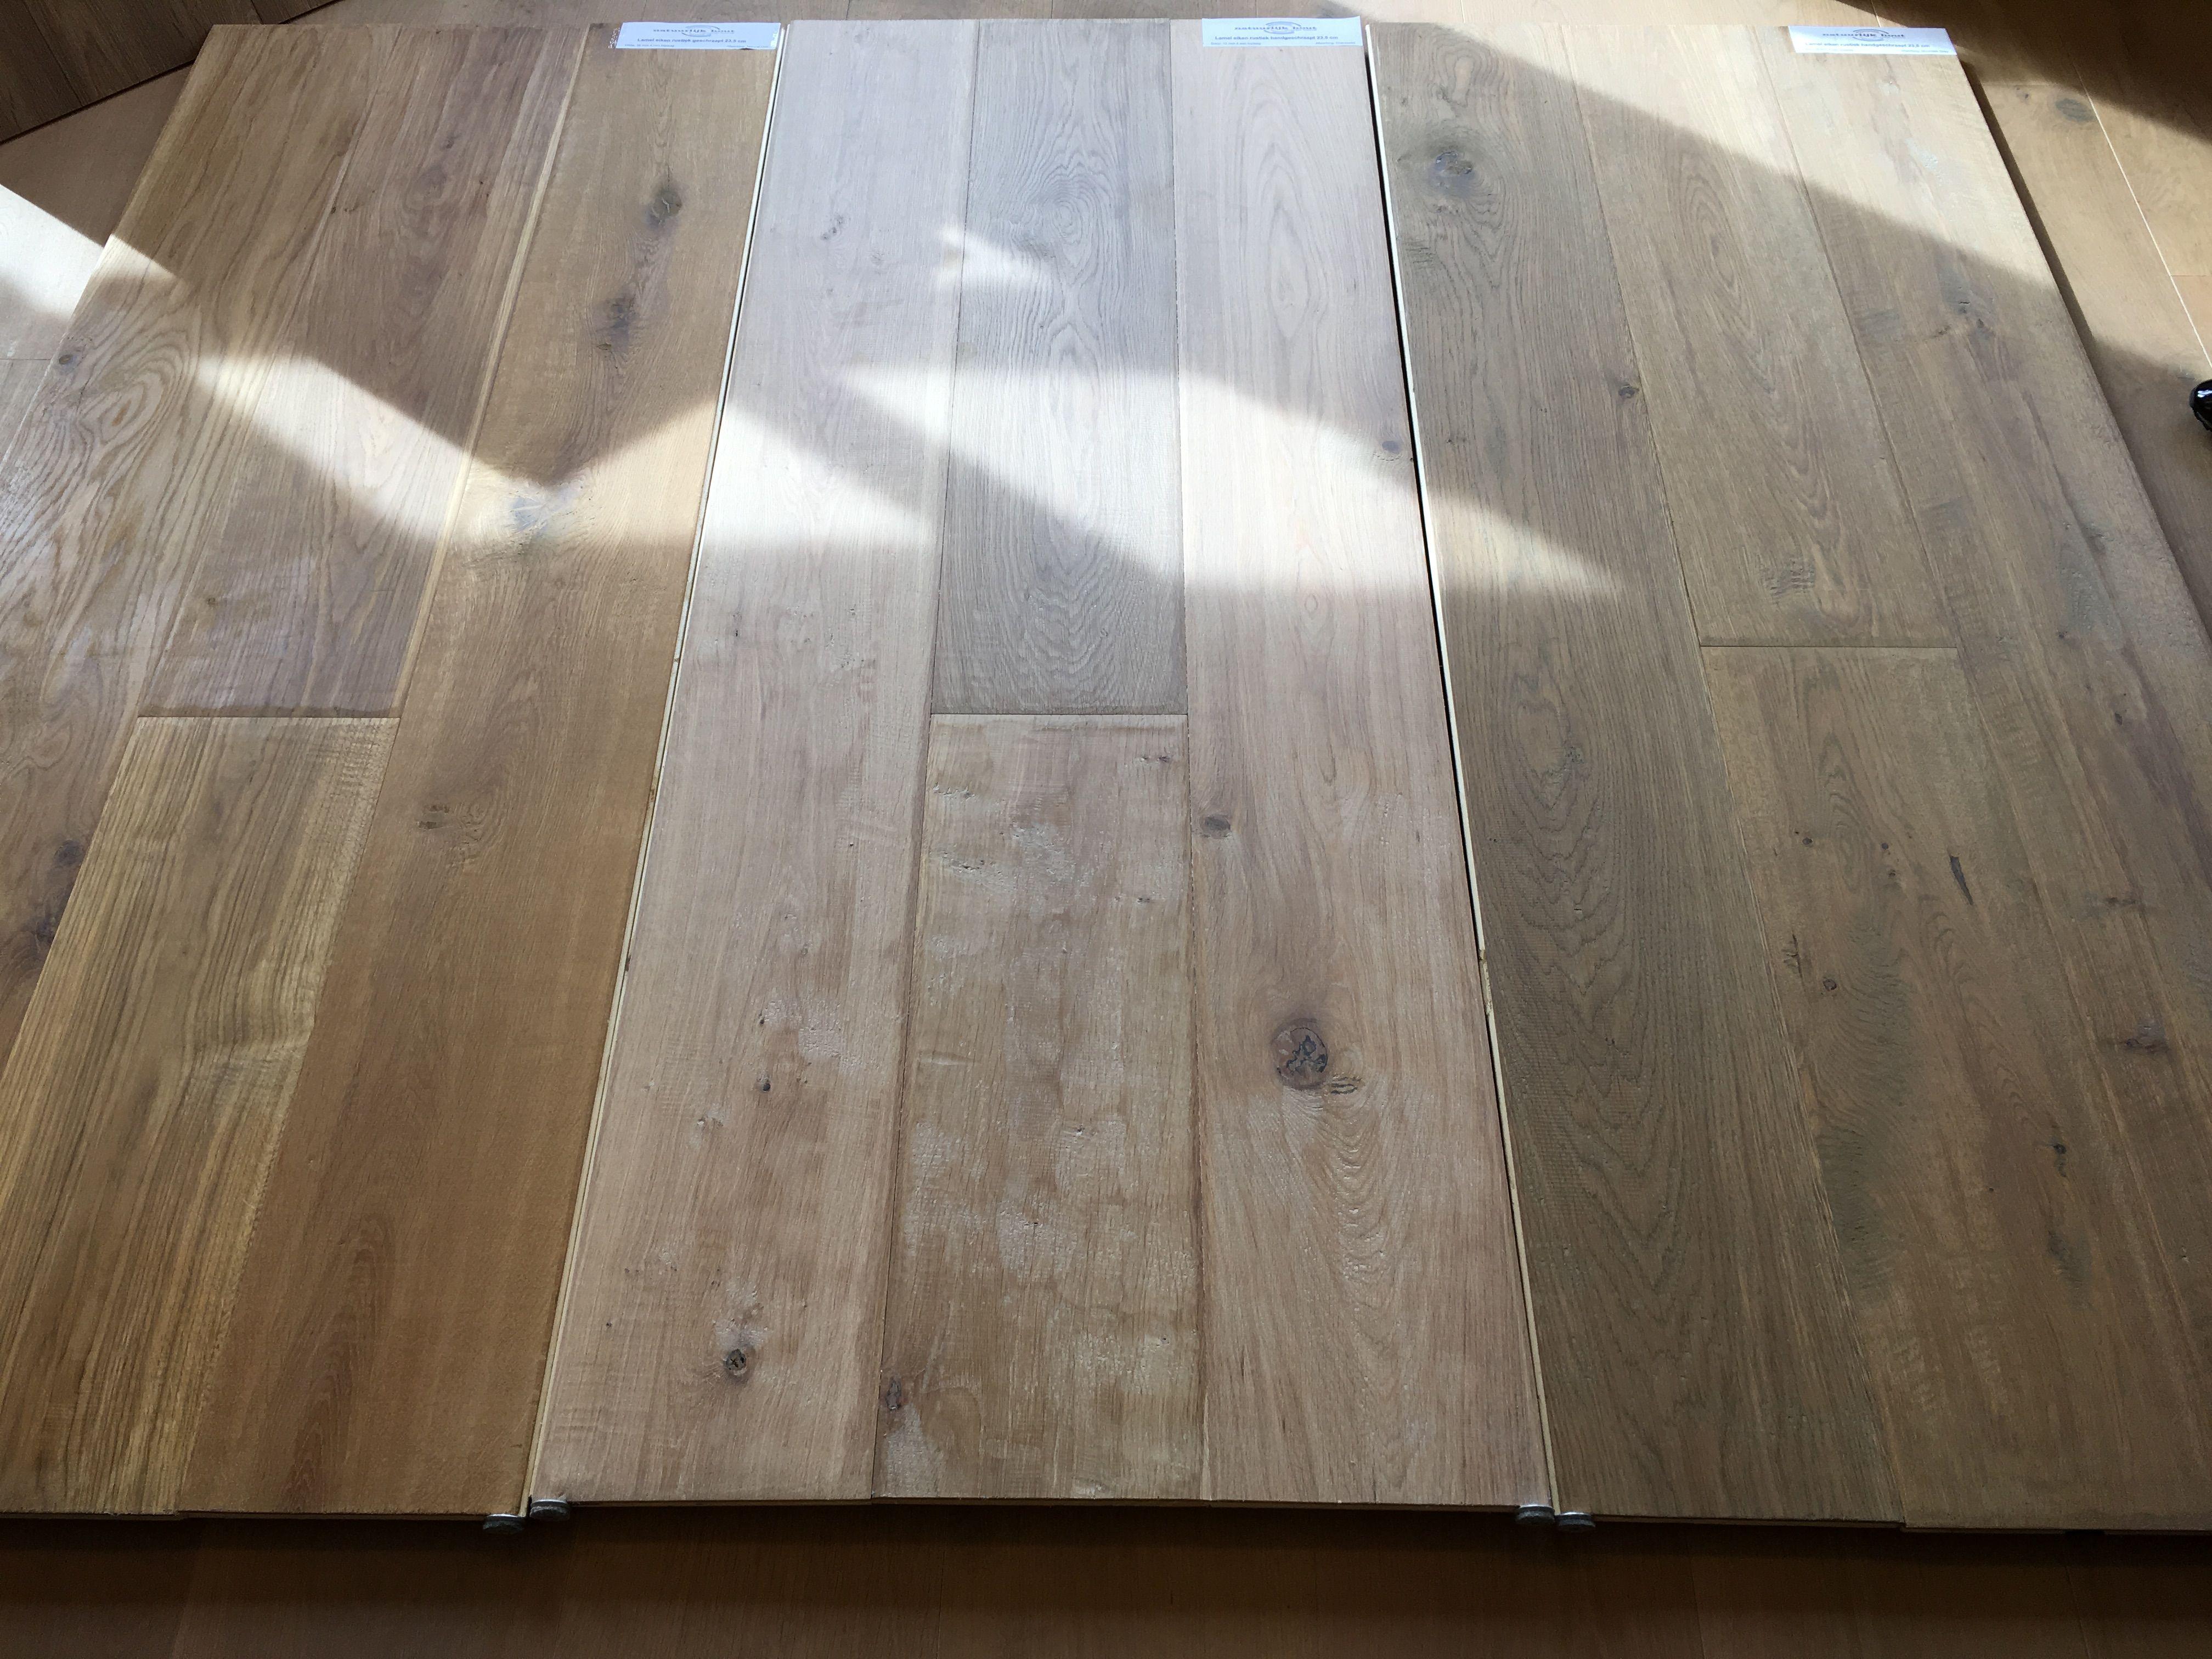 Grenen vloer schuren met de hand reparatie kras op grenen vloer